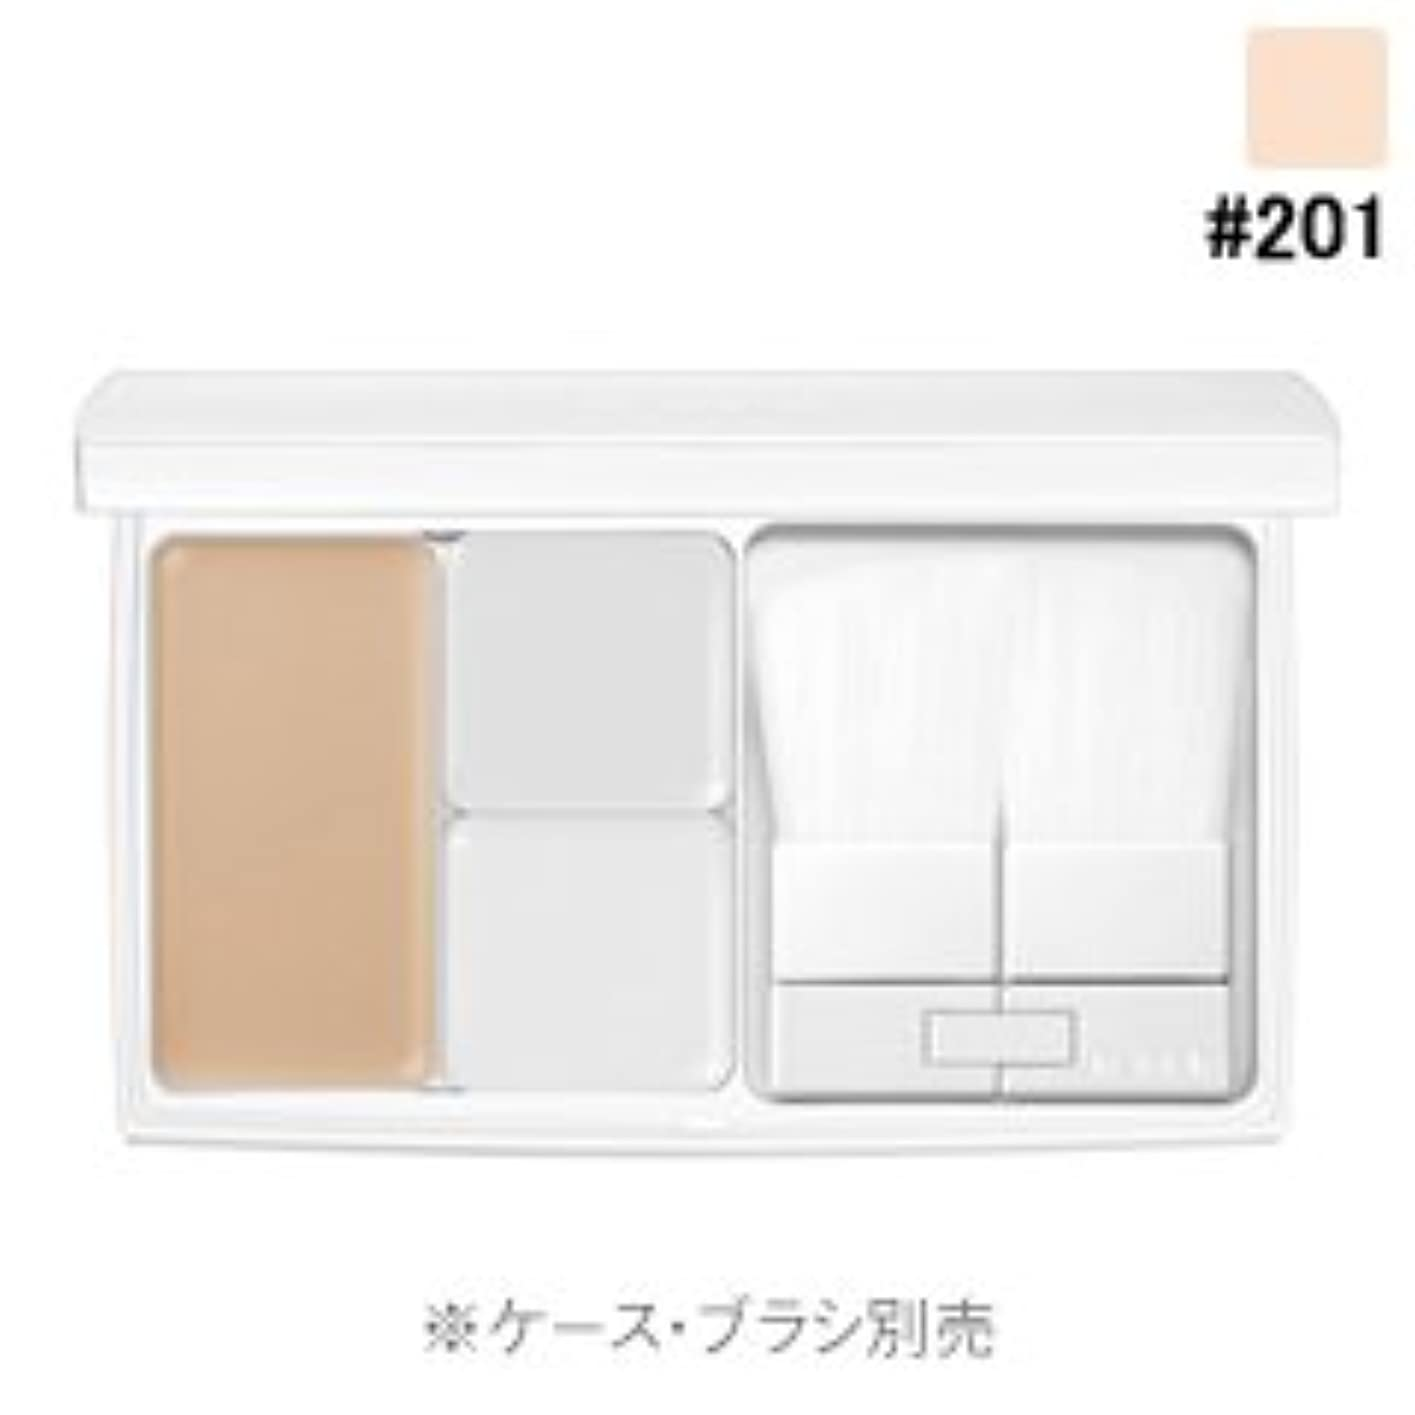 シェル持つマウスピース【RMK (ルミコ)】3Dフィニッシュヌード F (レフィル) ファンデーションカラー #201 3g